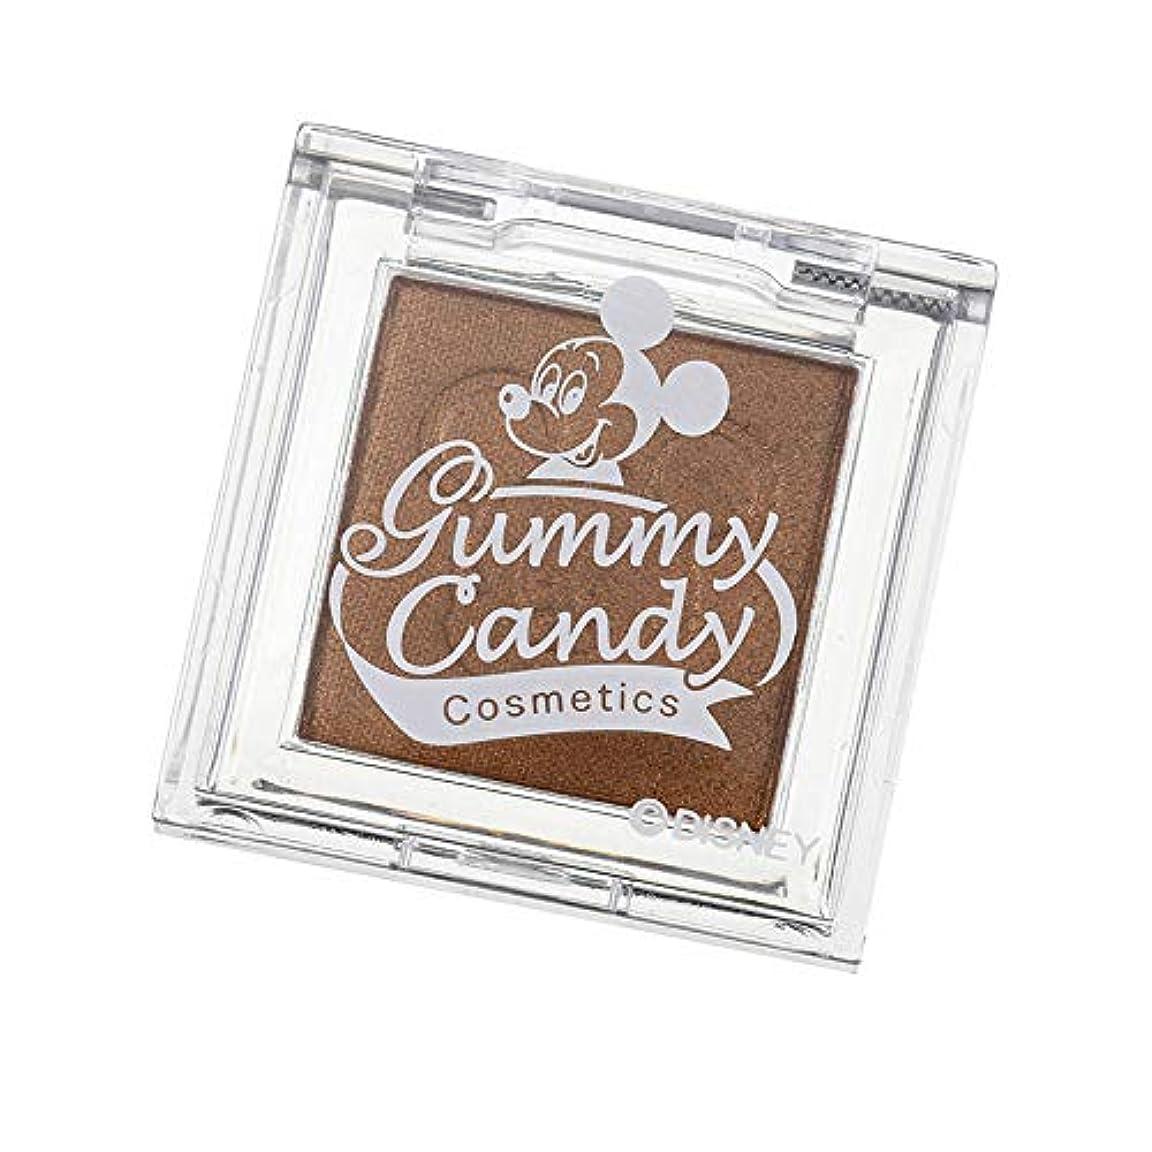 インディカ詩人不条理ディズニーストア(公式)アイシャドウ ミッキー ブラウン Gummy Candy Cosme